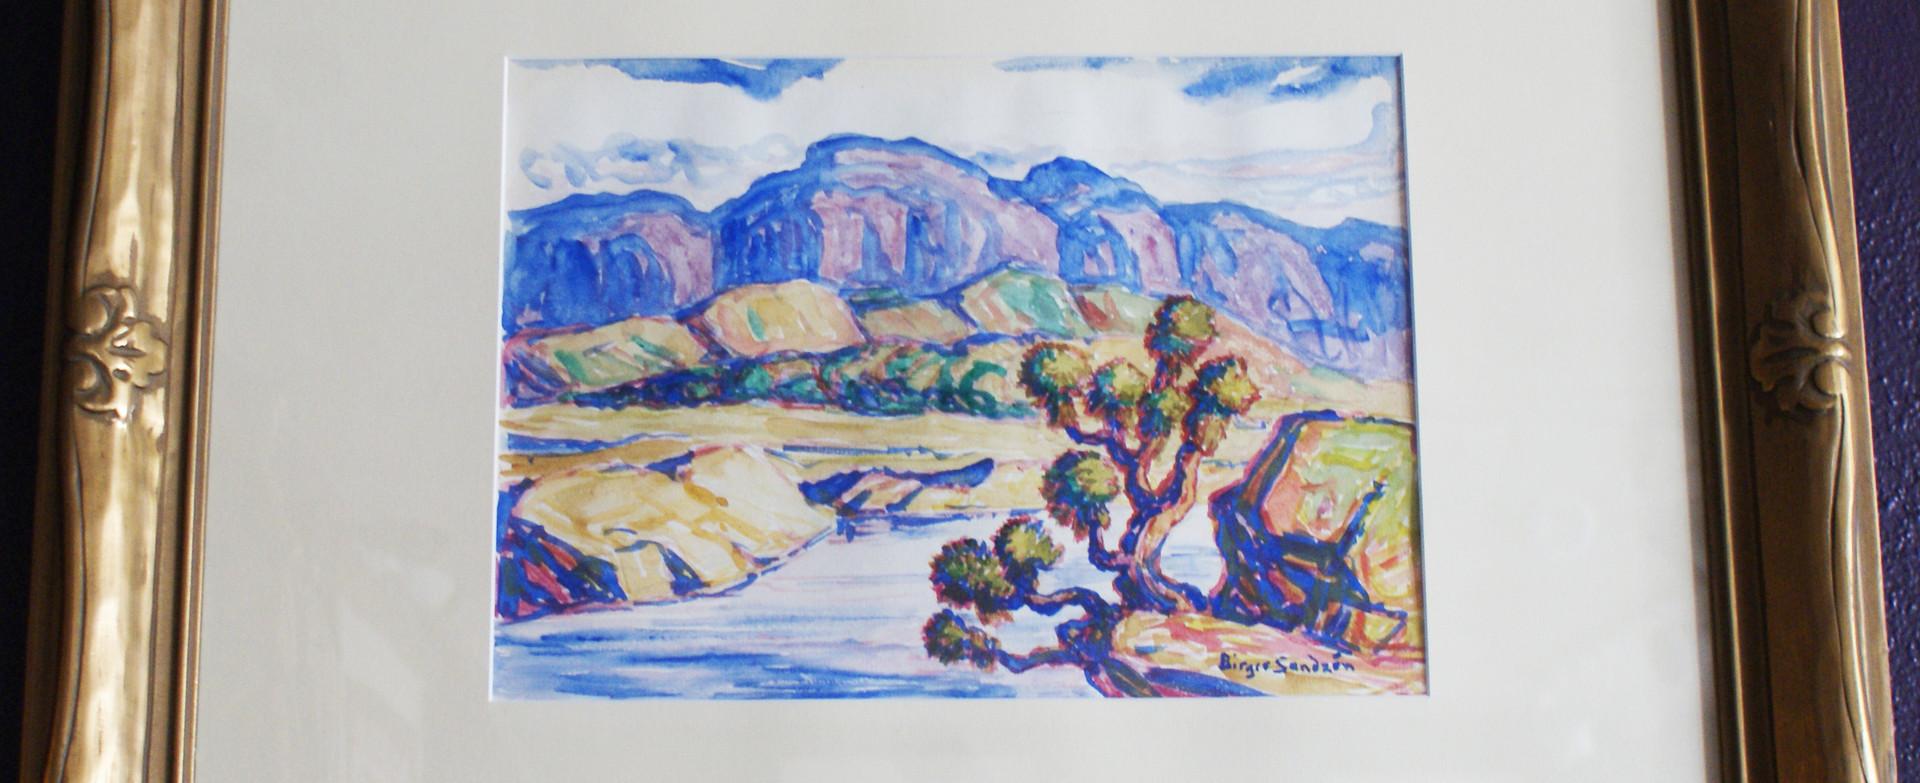 Sven Birger Sandzen (1871-954) Watercolor on Paper